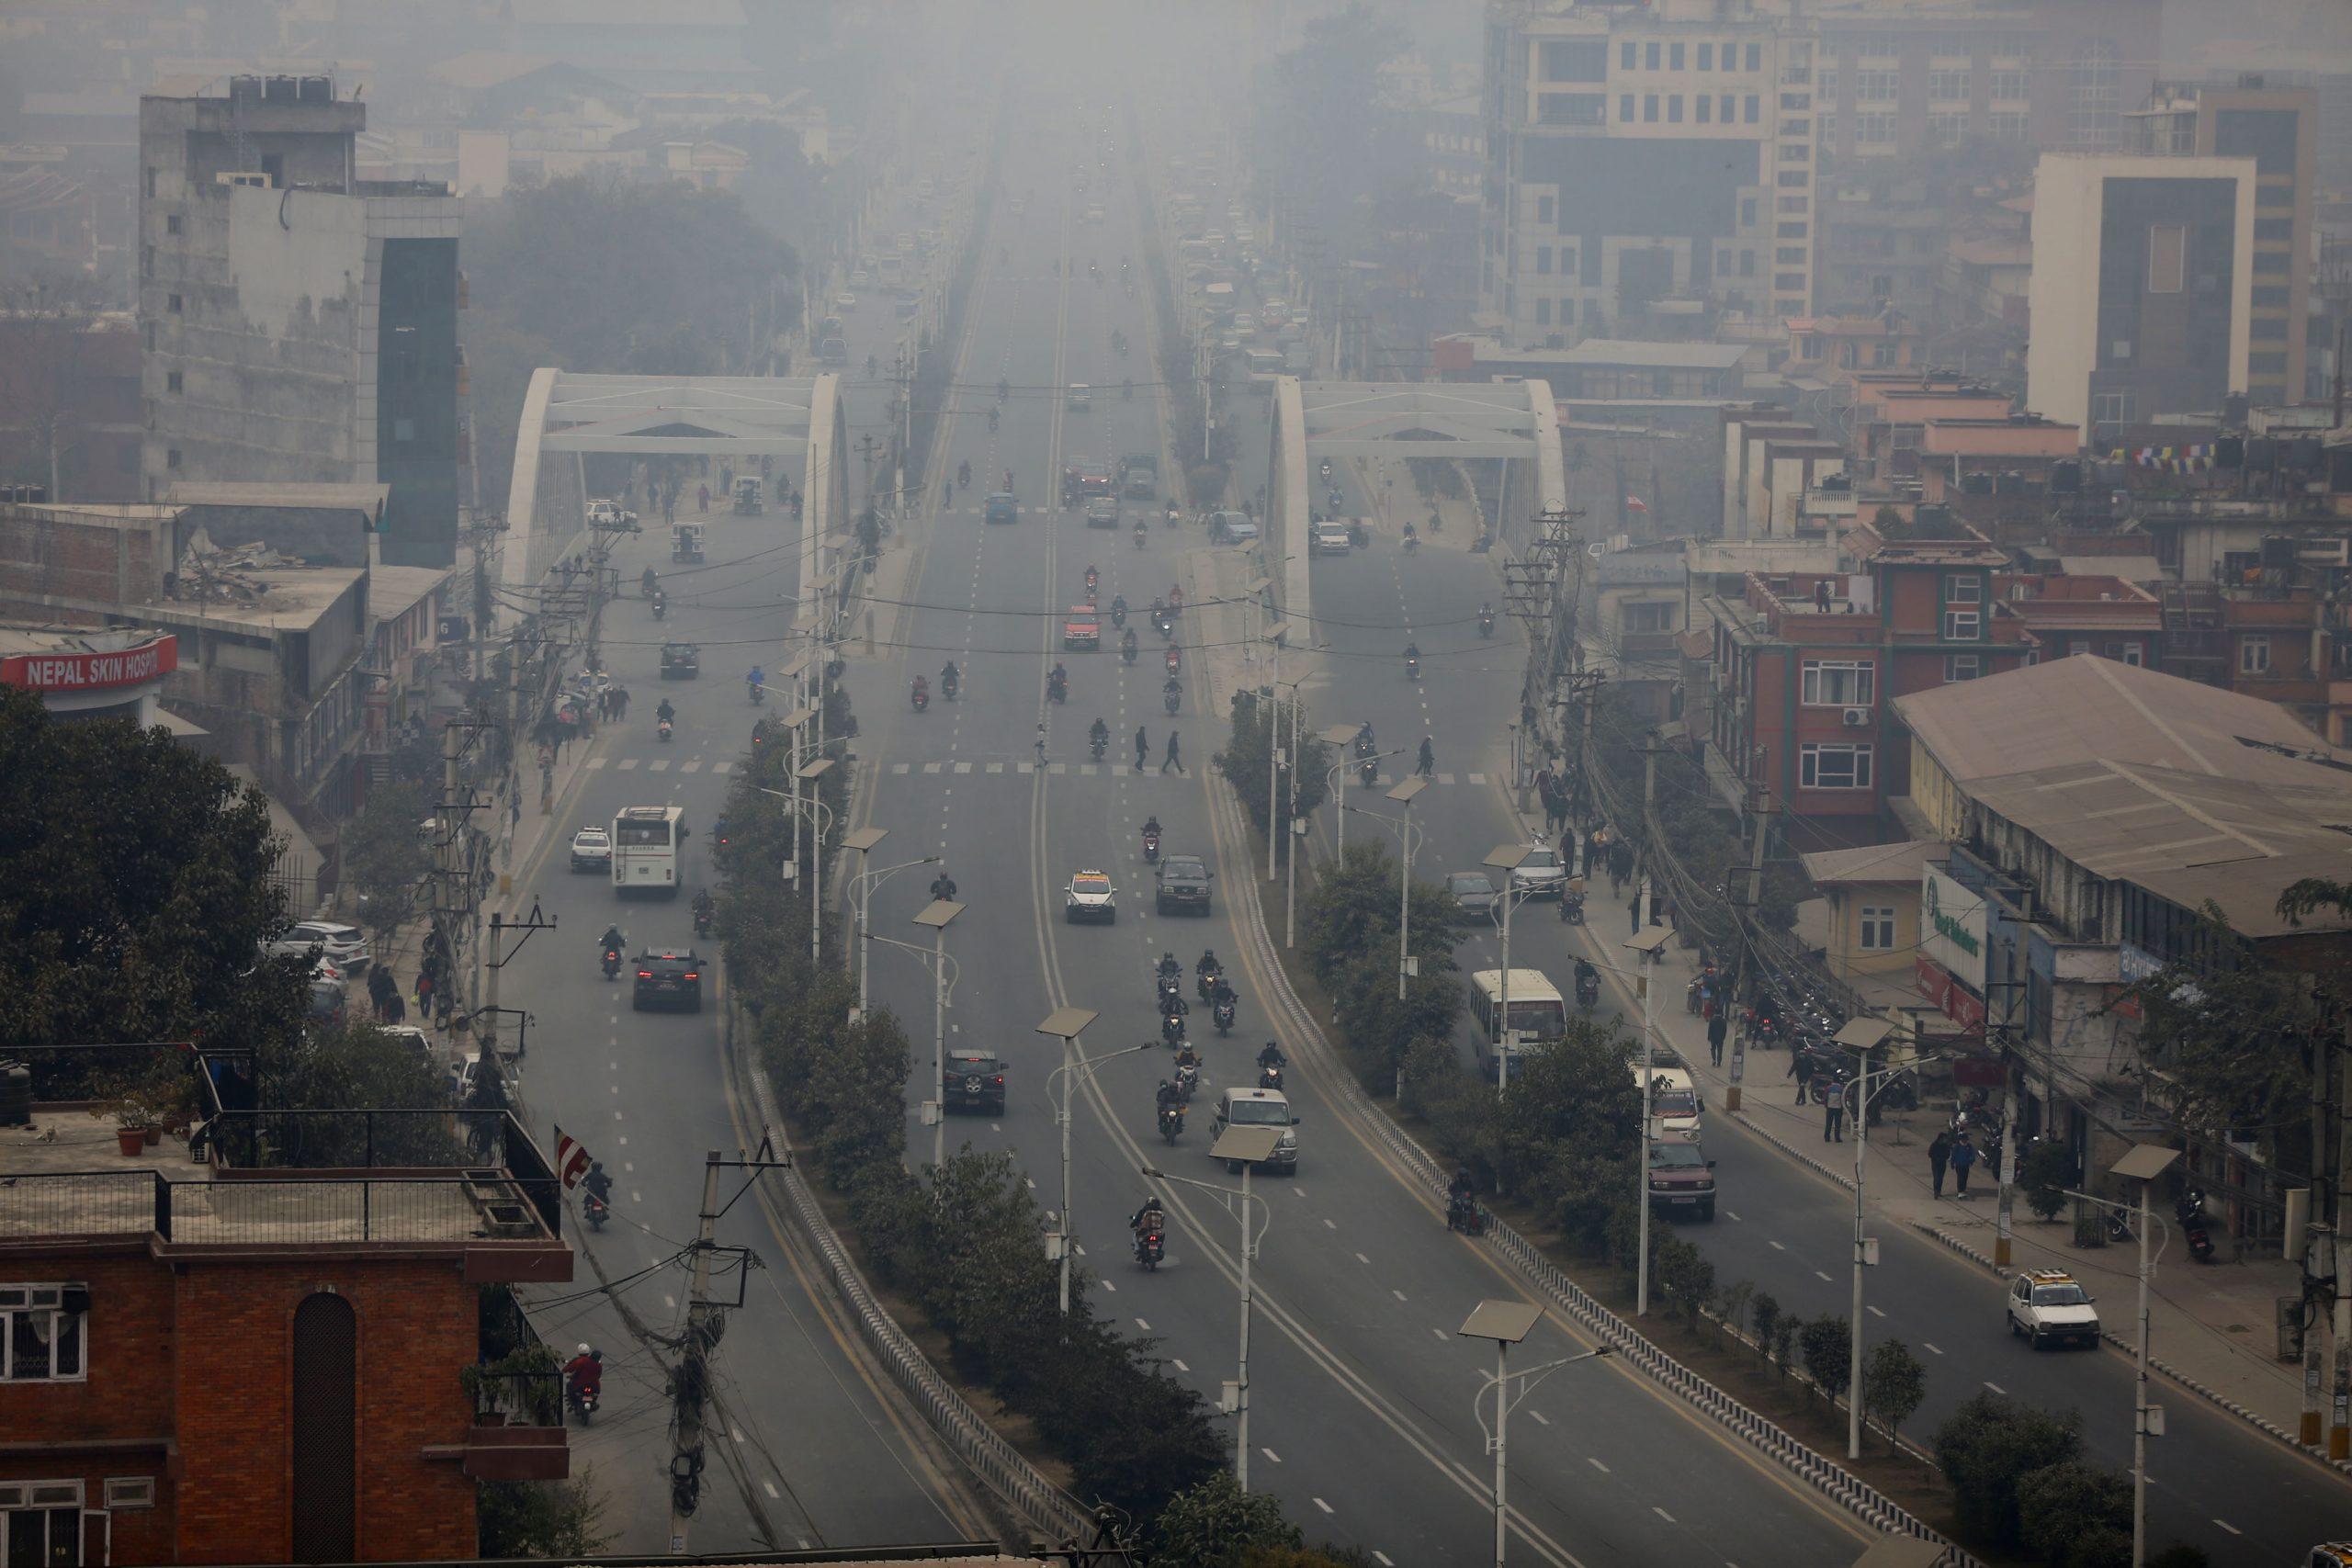 वायु प्रदूषणका कारण शरीरमा यस्ता असर